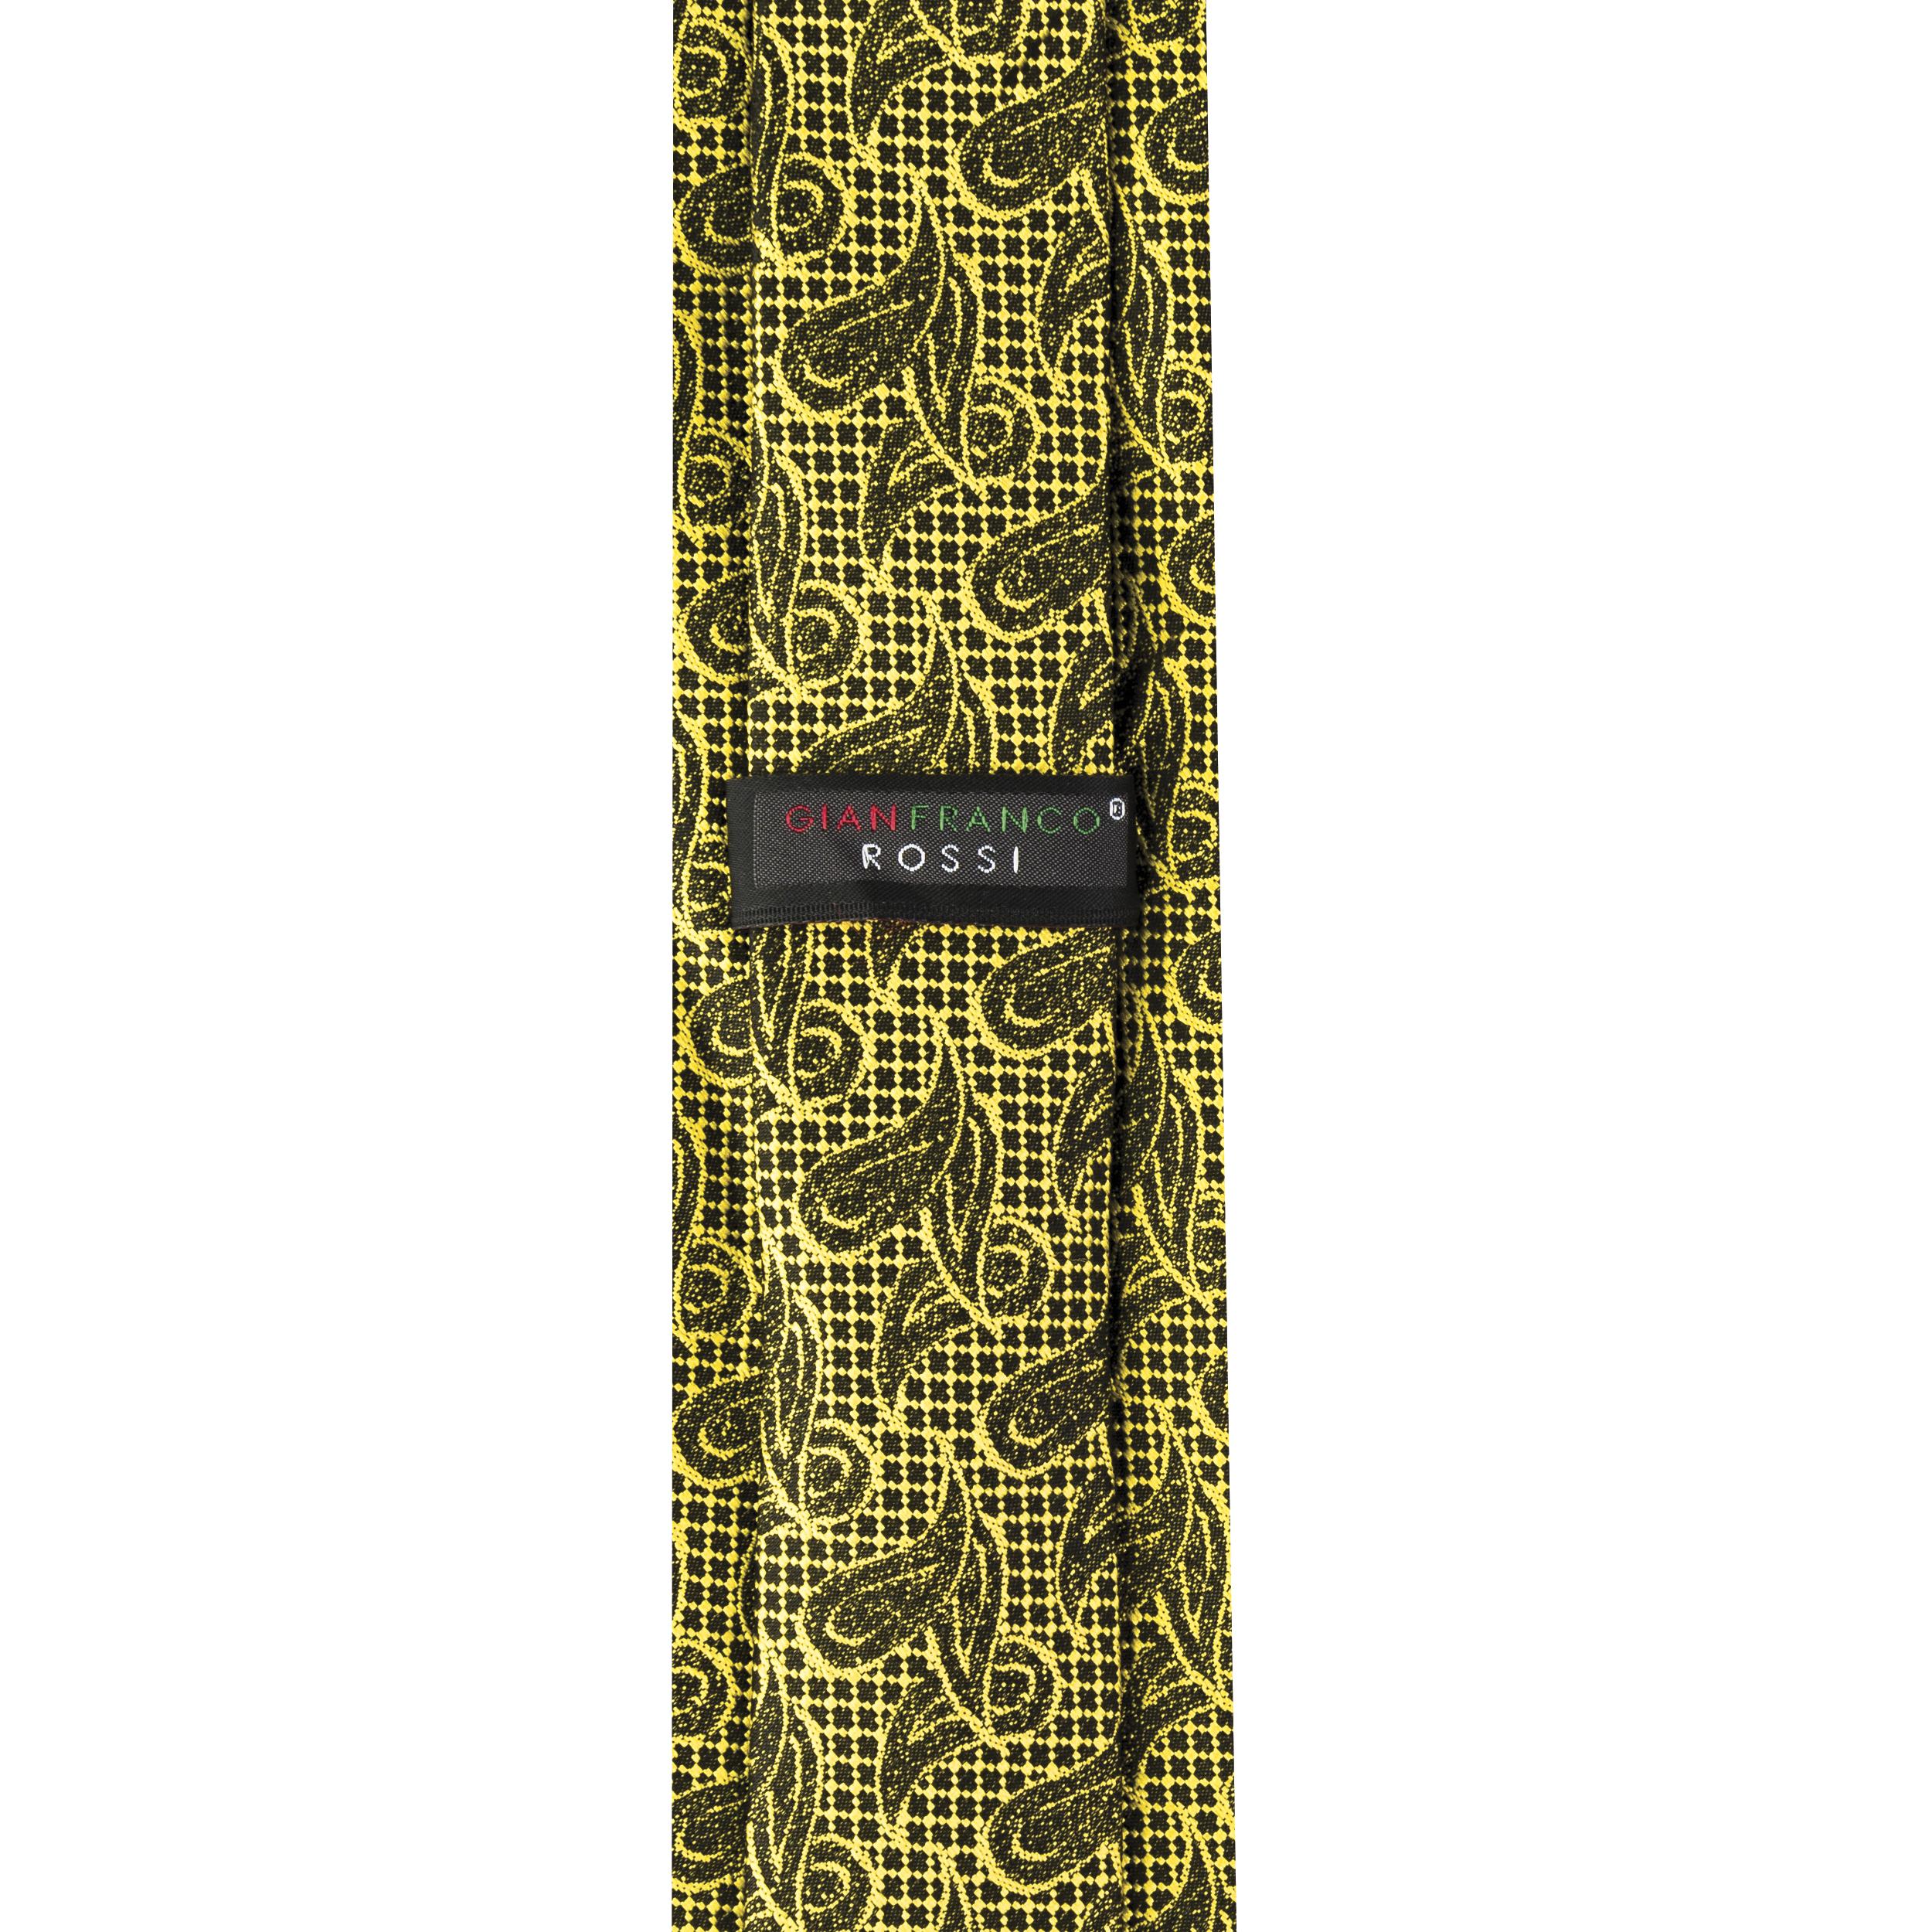 ست کراوات و دستمال جیب و گل کت مردانه جیان فرانکو روسی مدل GF-PA928-GO -  - 6